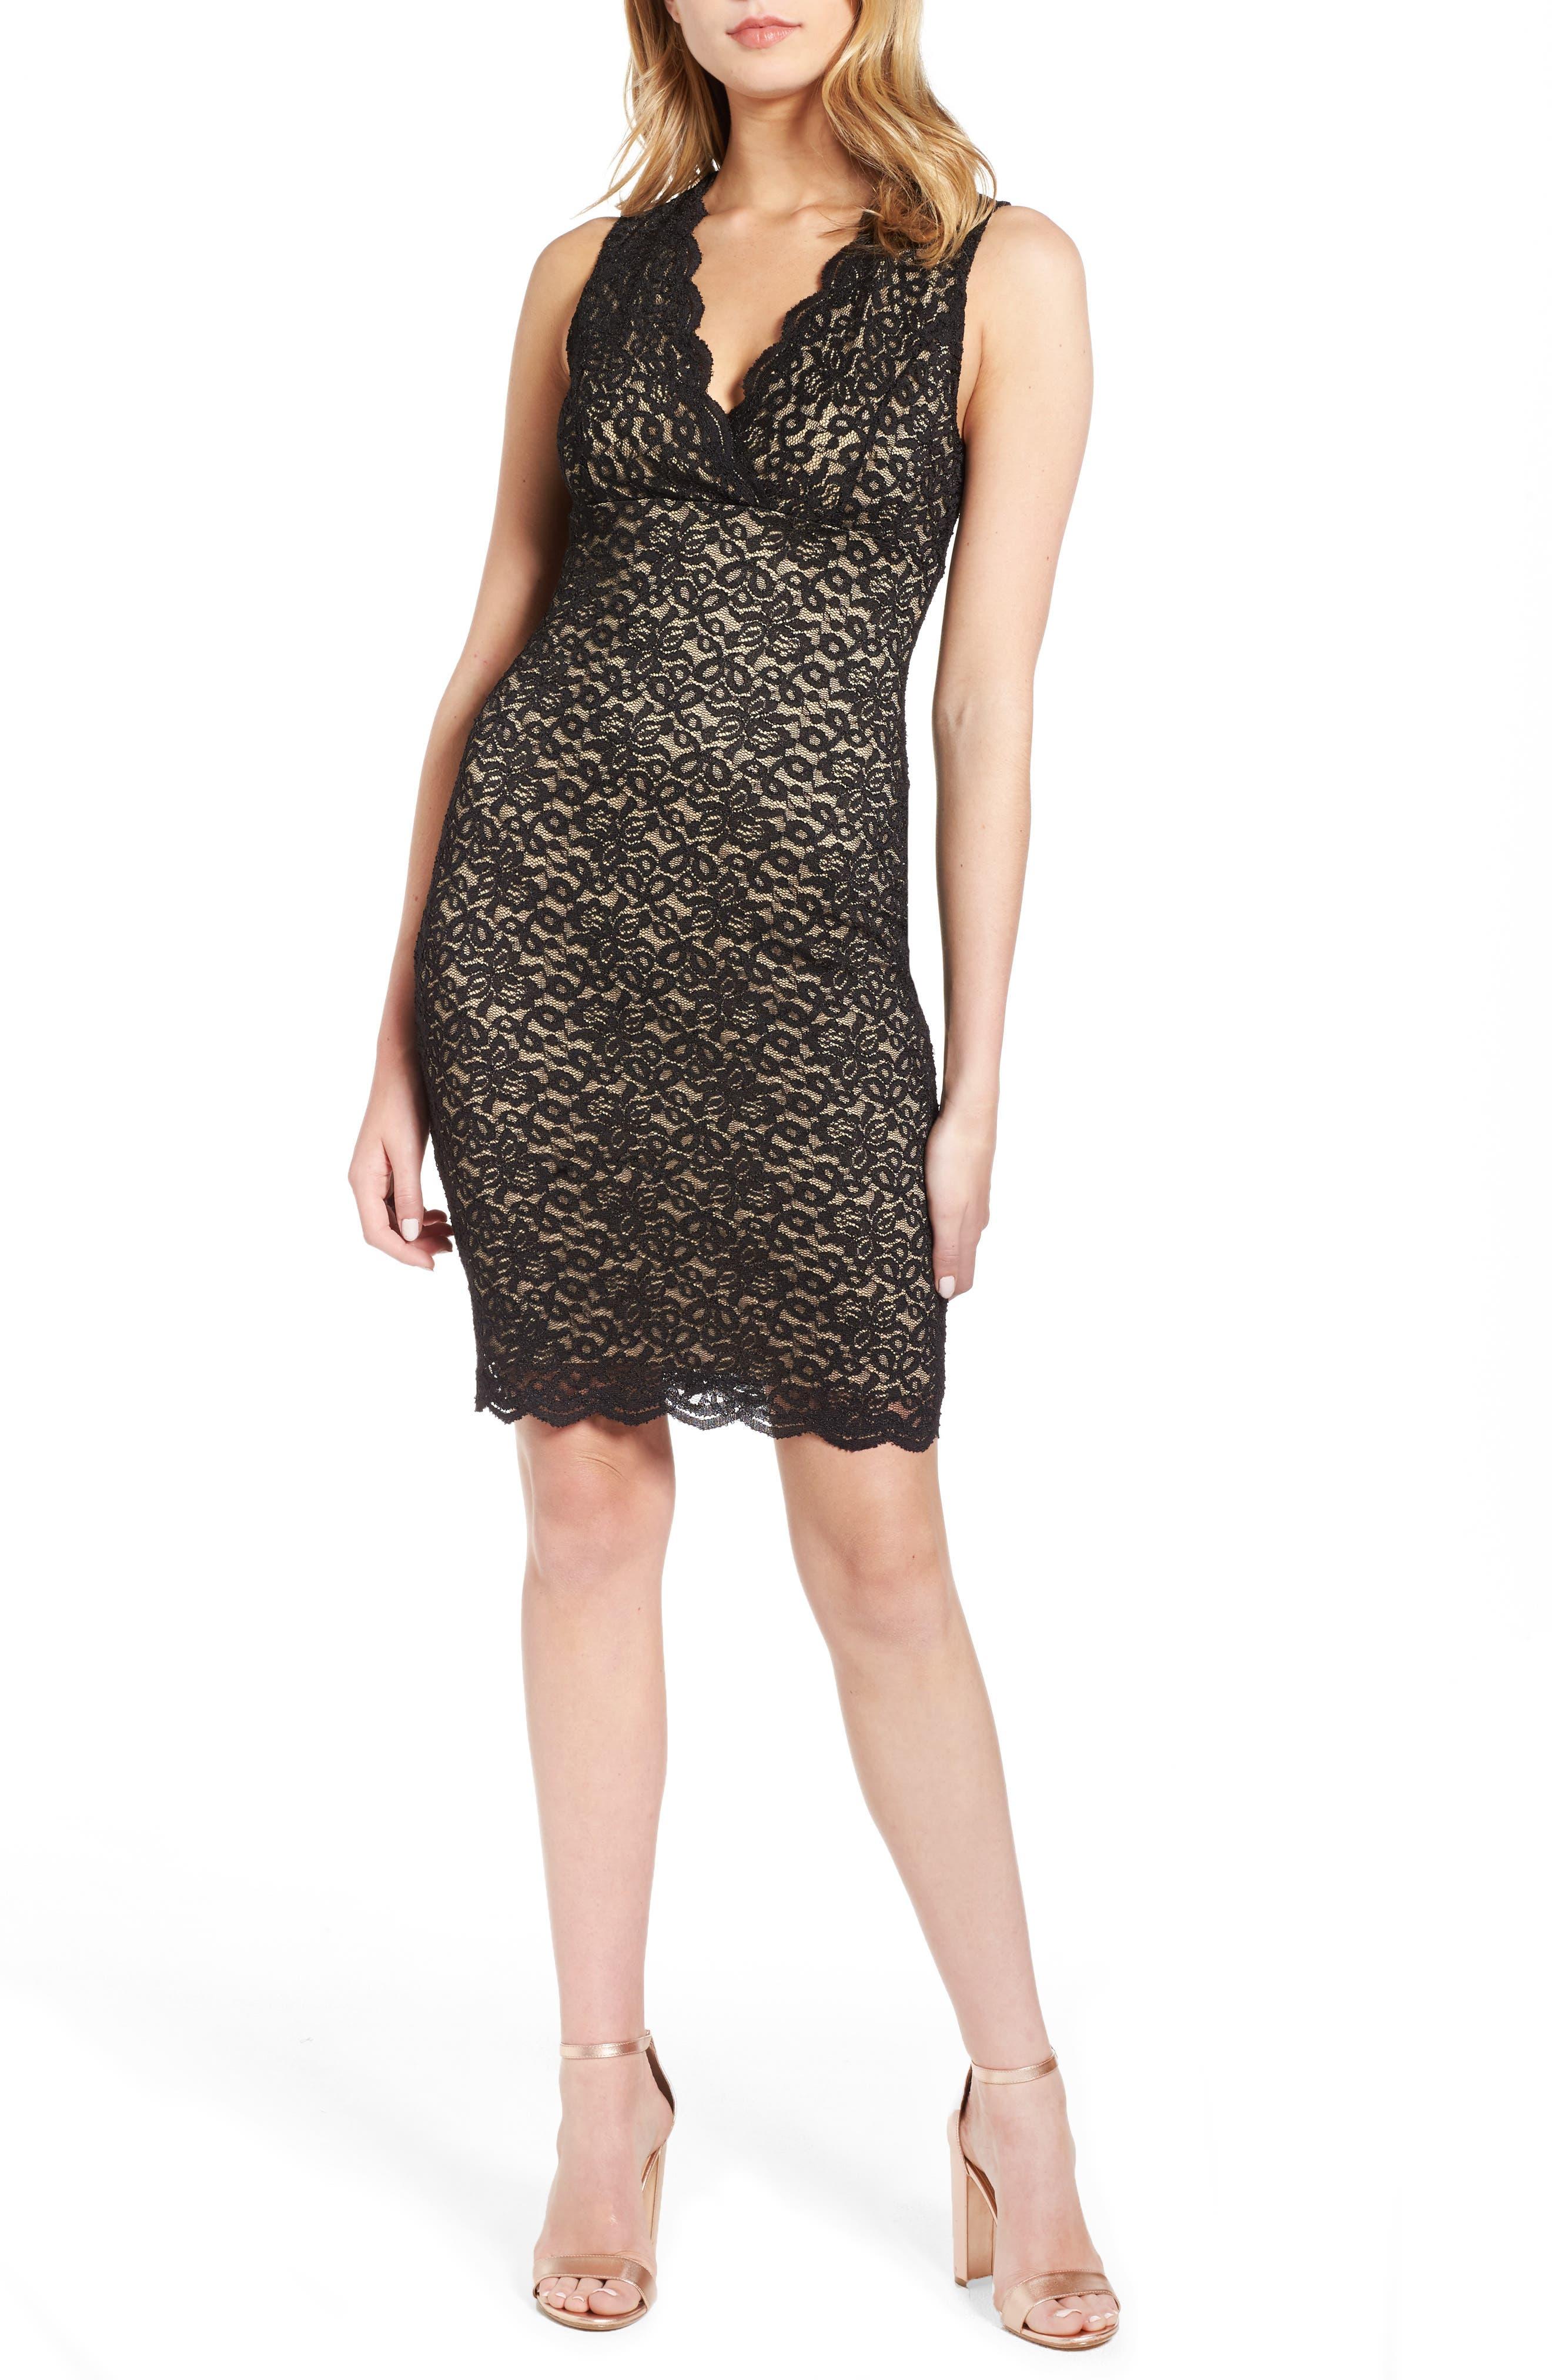 Main Image - Soprano Lace Body Con Dress